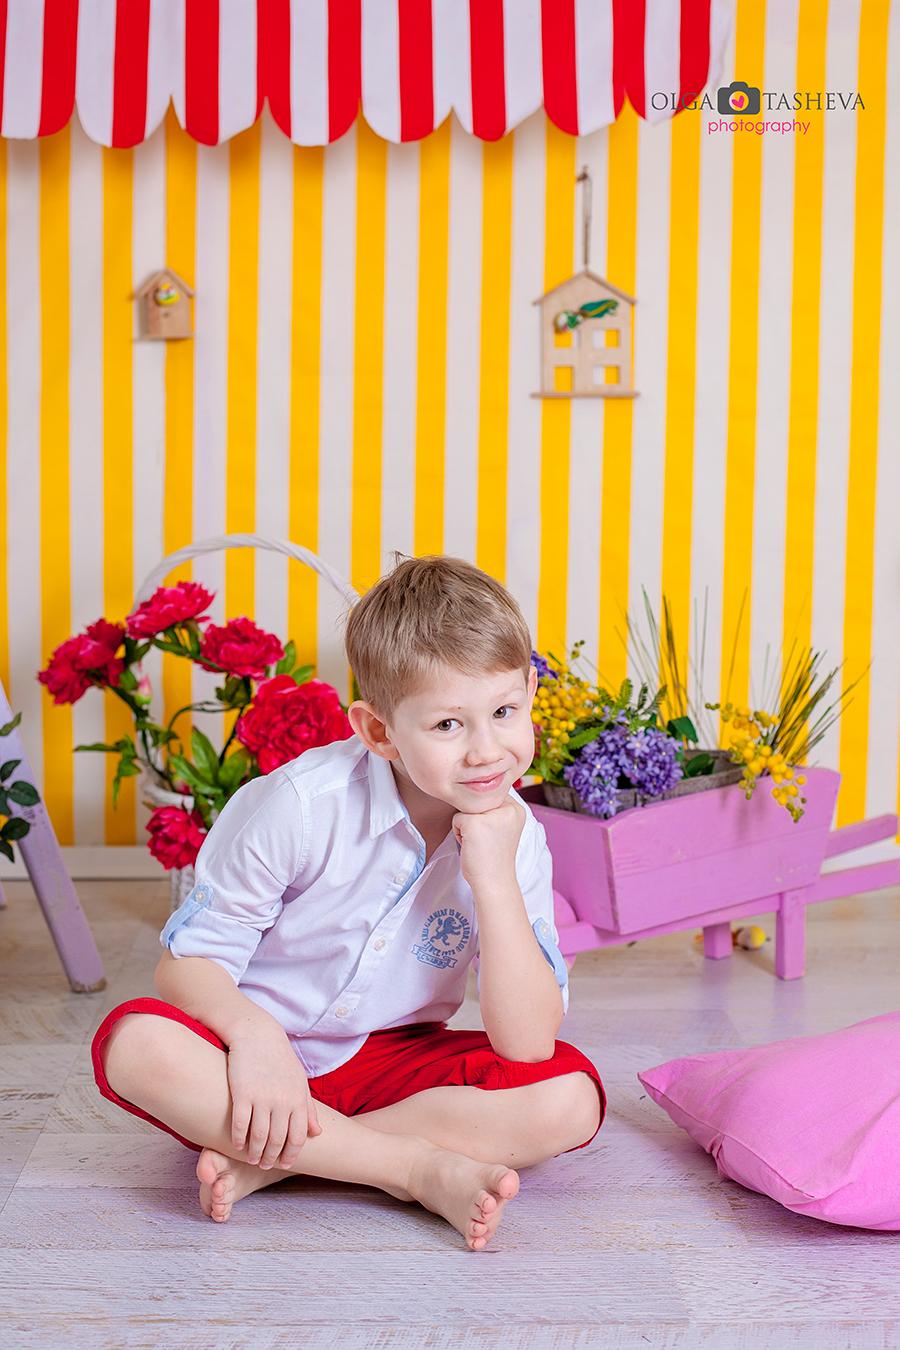 Детска фотосесия на Дечко при фотограф Олга Ташева. Фото студио Варна. Детска, бебешка и семейна фотография. Фотограф Варна -85643